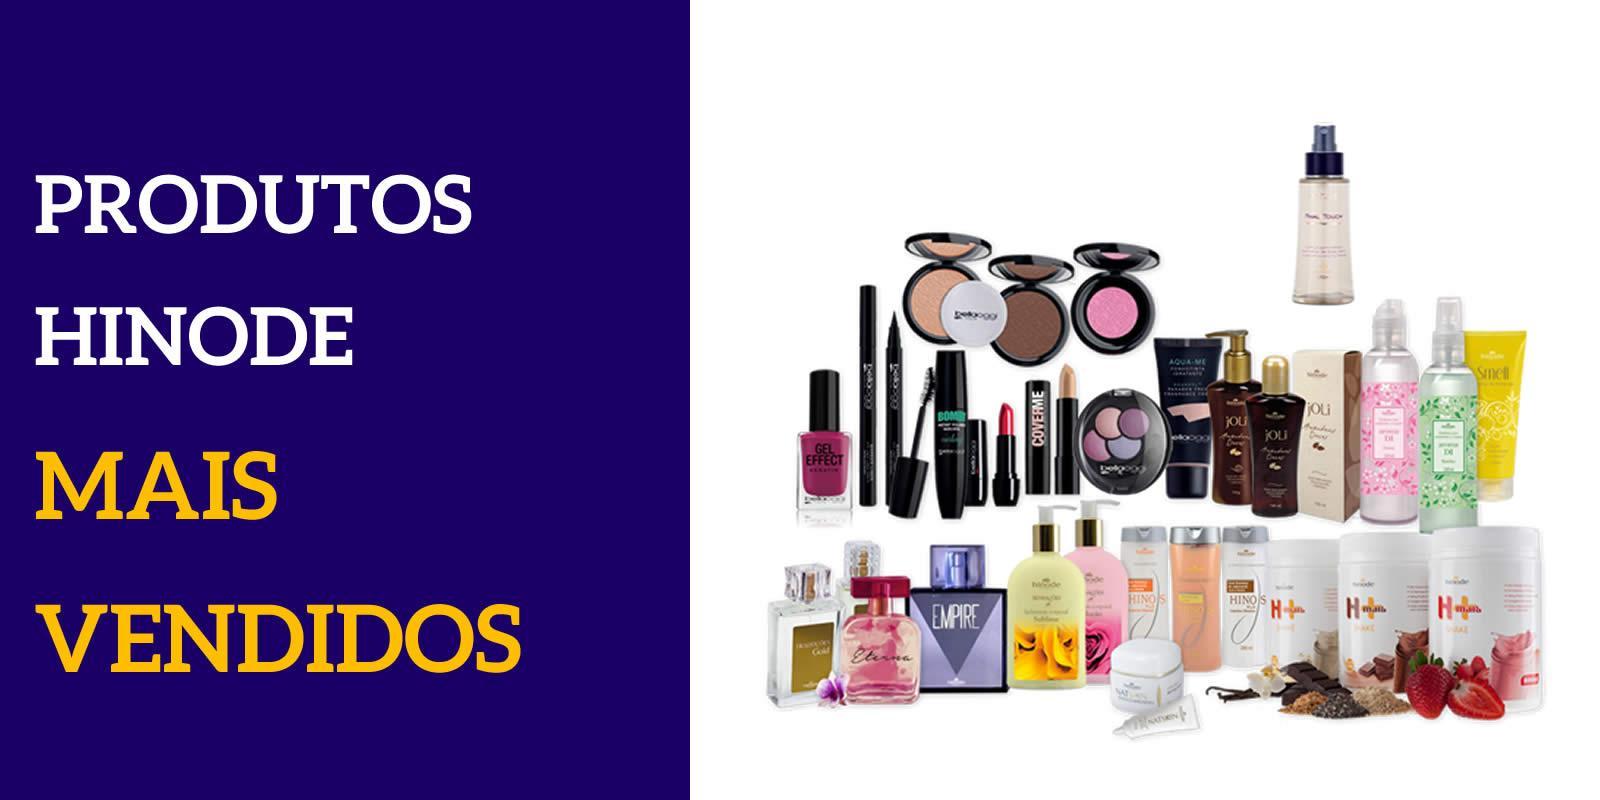 Hinode produtos mais vendidos